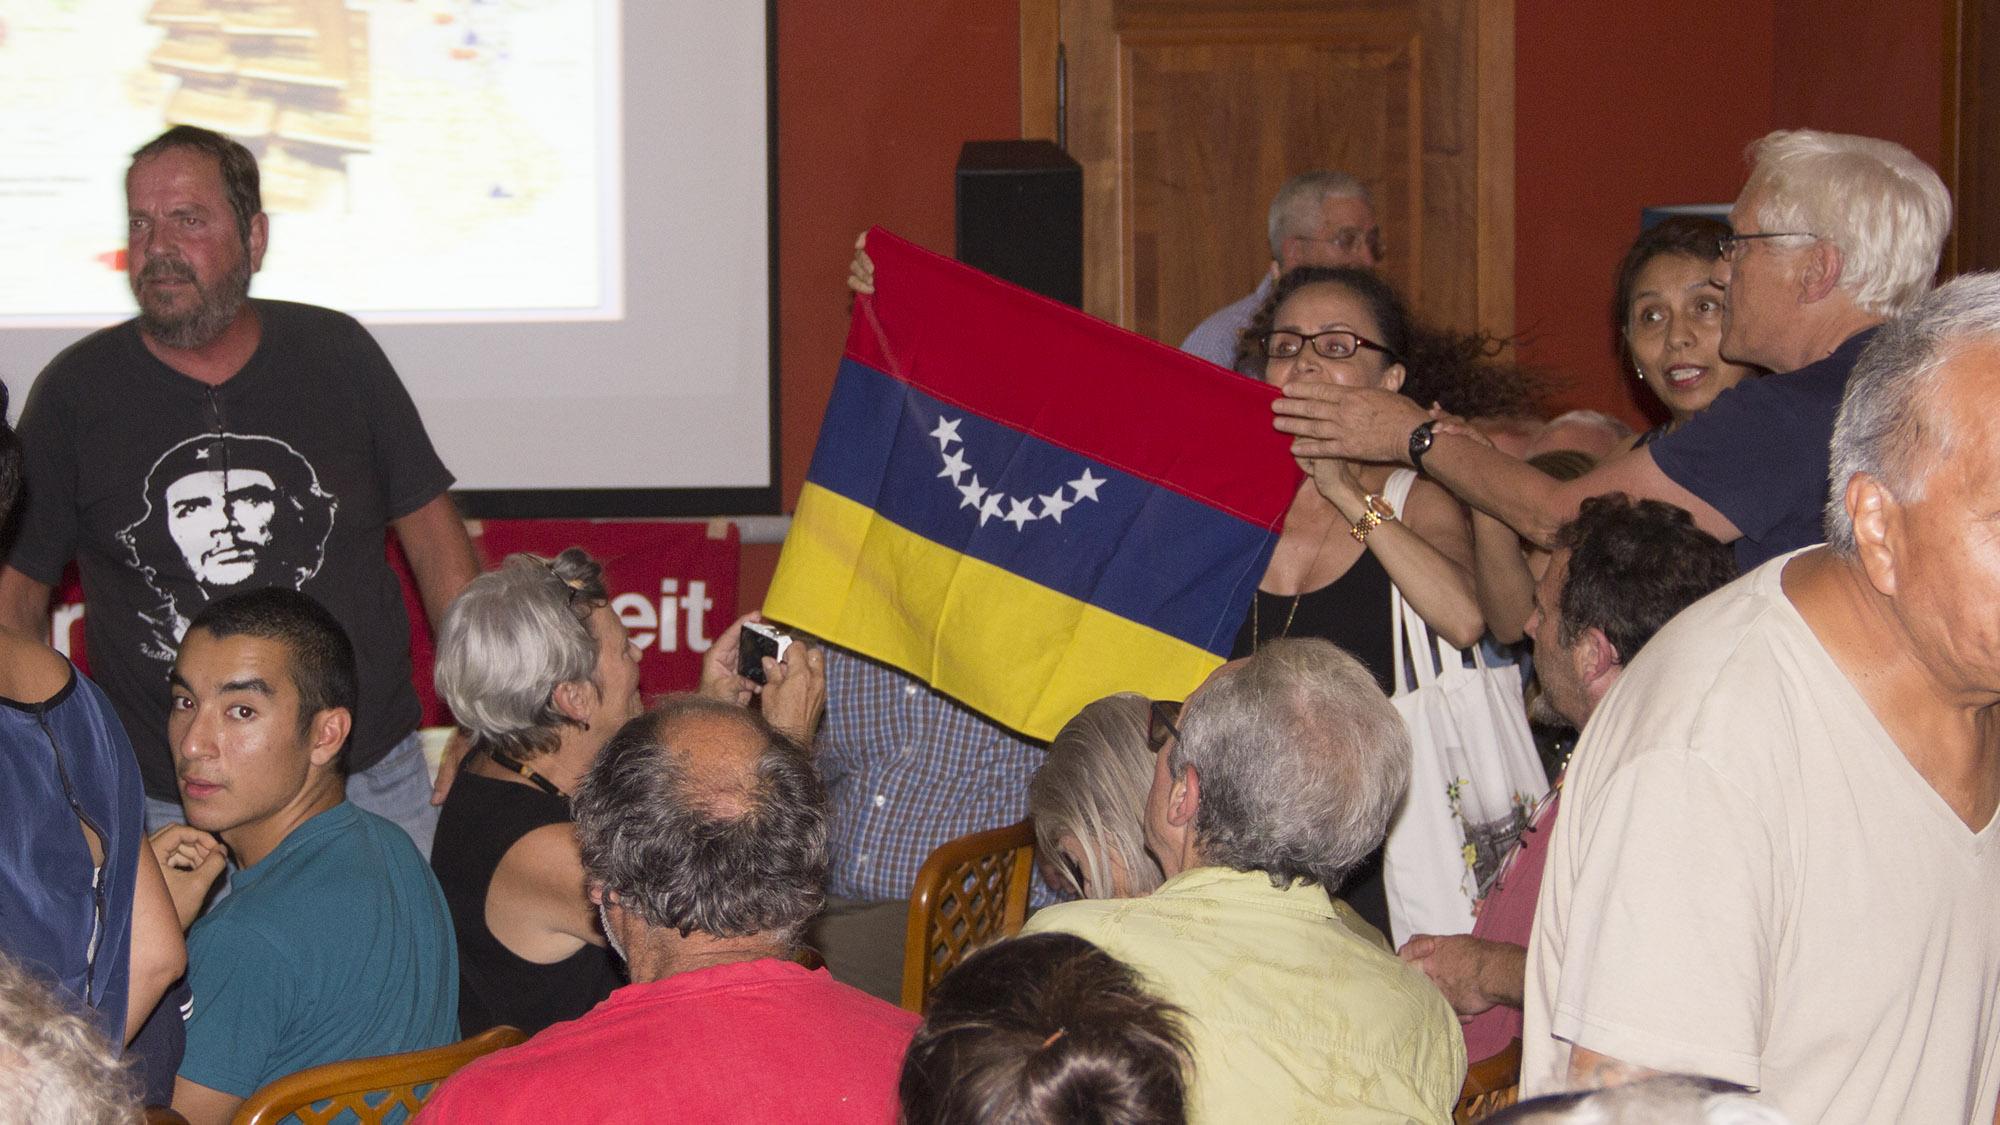 «Alles Lügen!» Eine Maduro-Gegnerin stürmt mit der venezolanischen Flagge die Bühne.